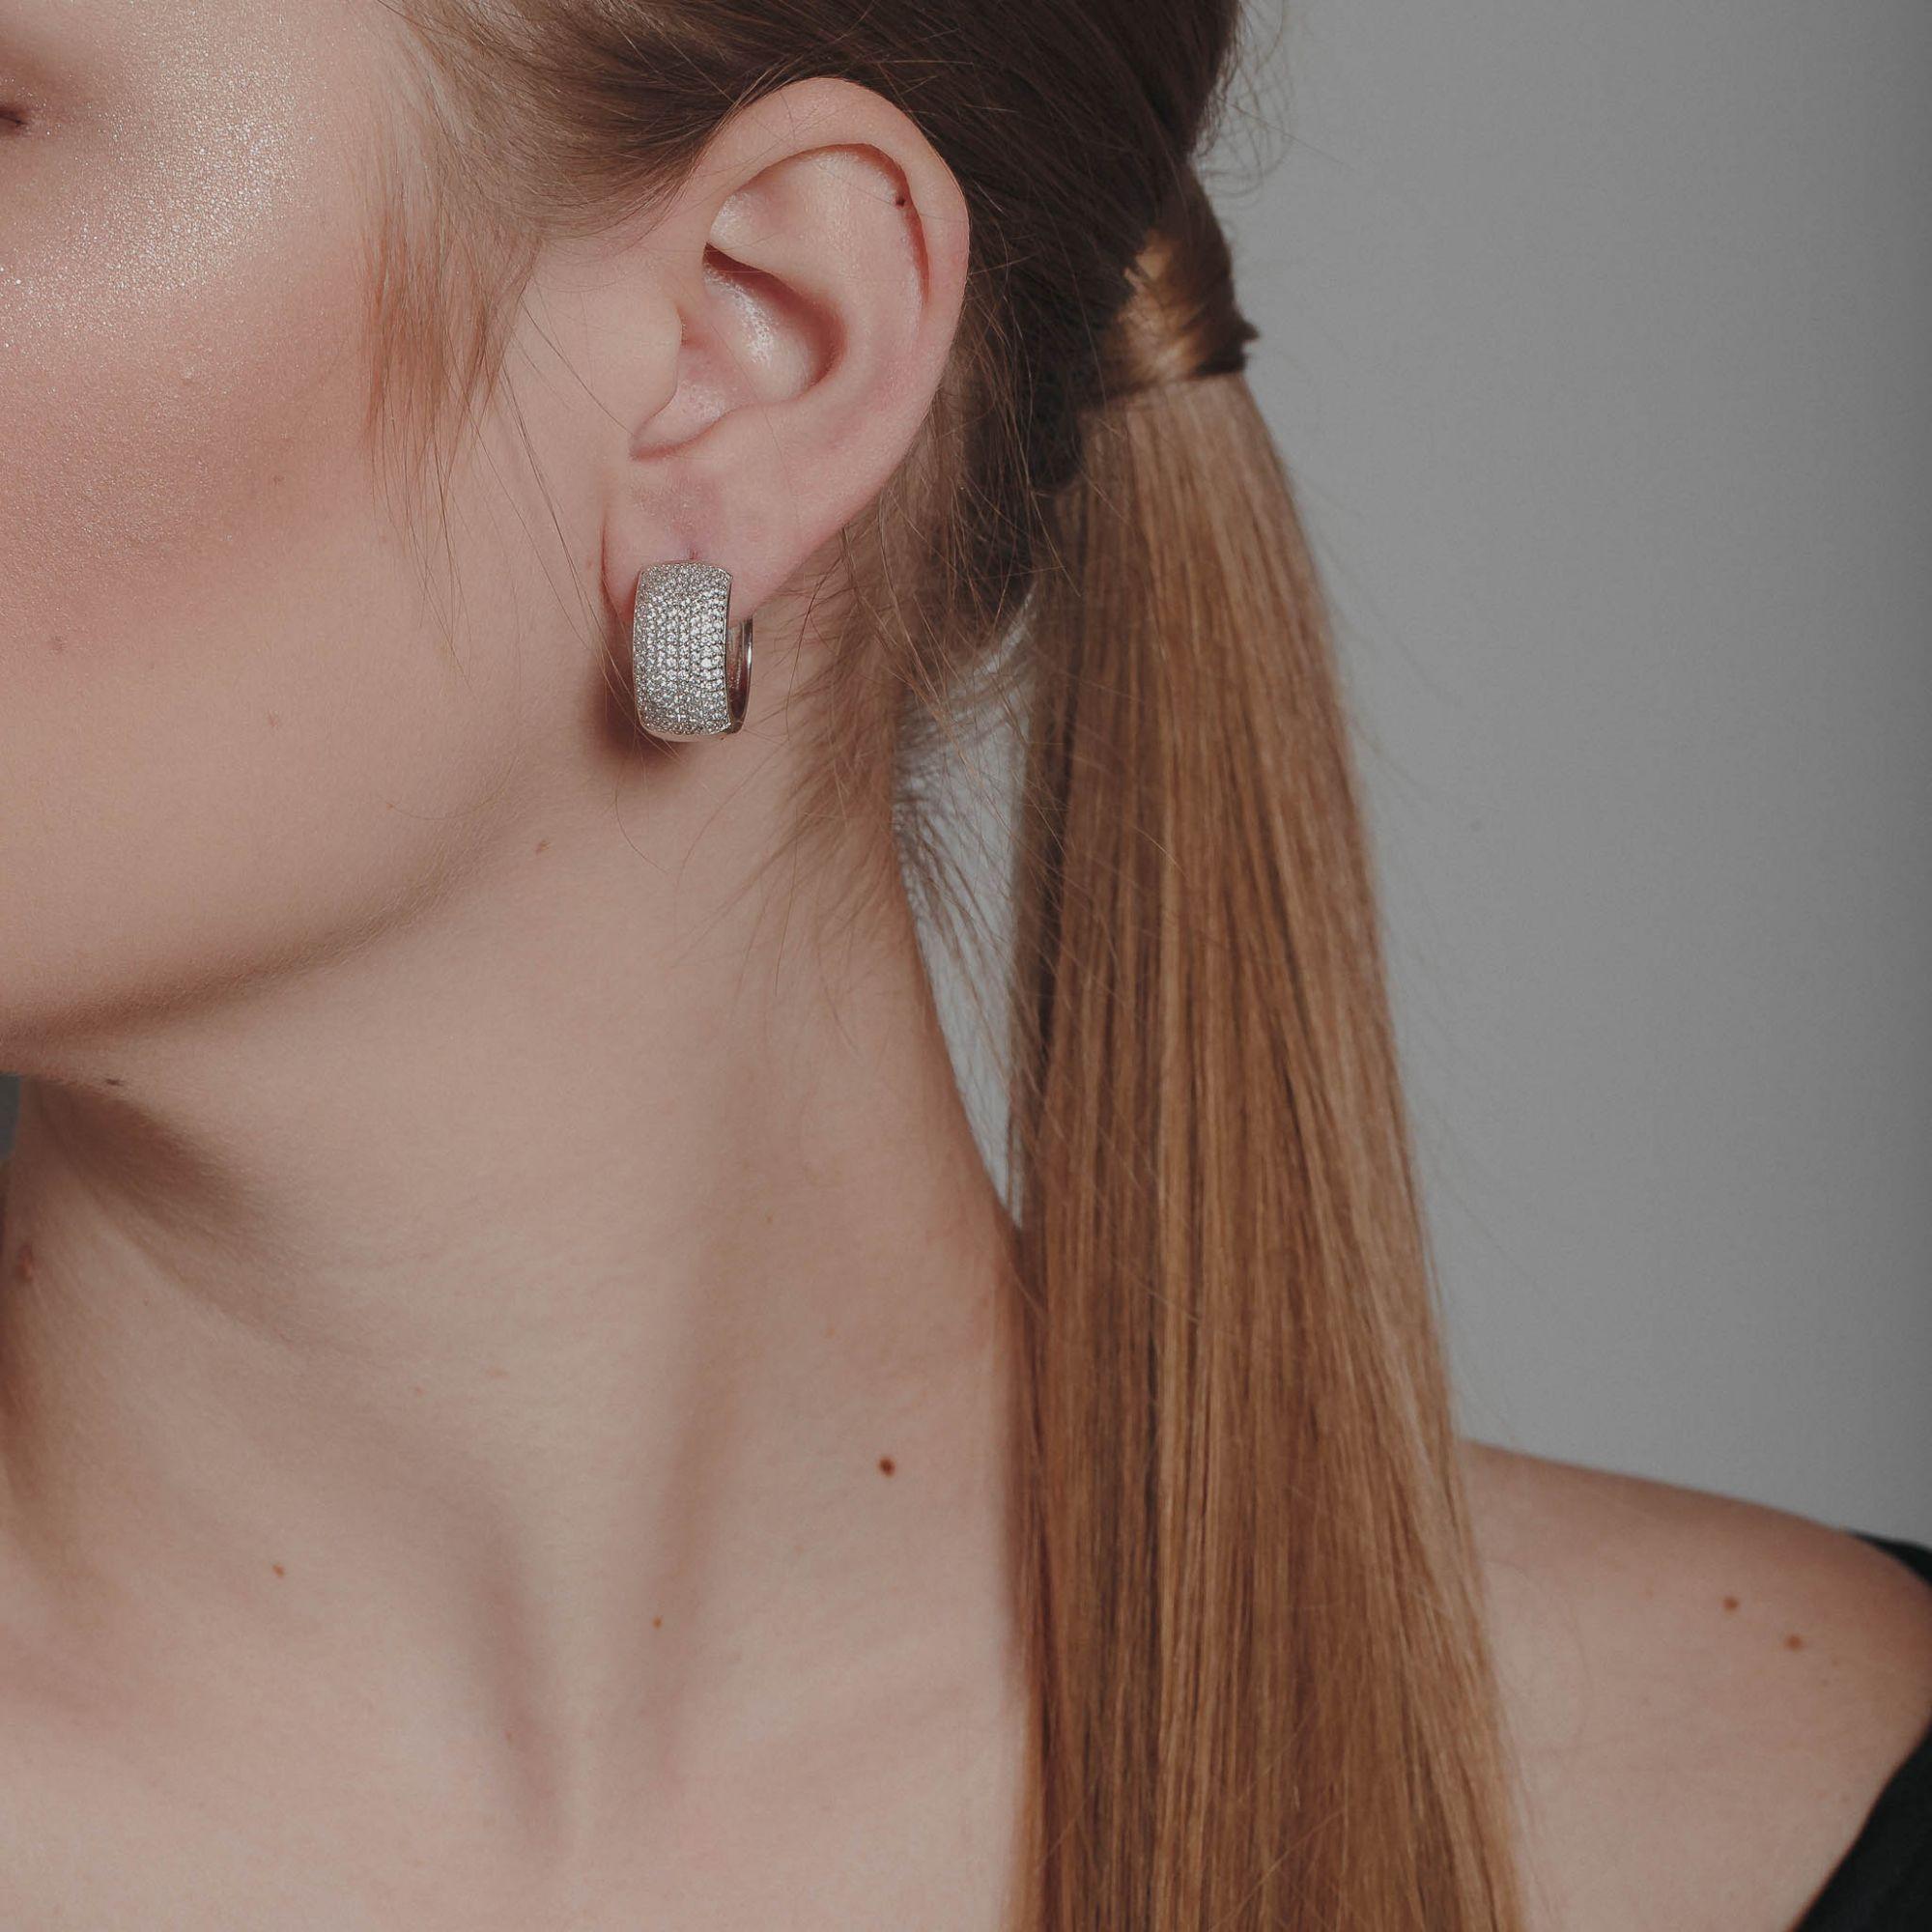 Brinco de argola com micro zircônias cristais banho de ródio branco.  - romabrazil.com.br